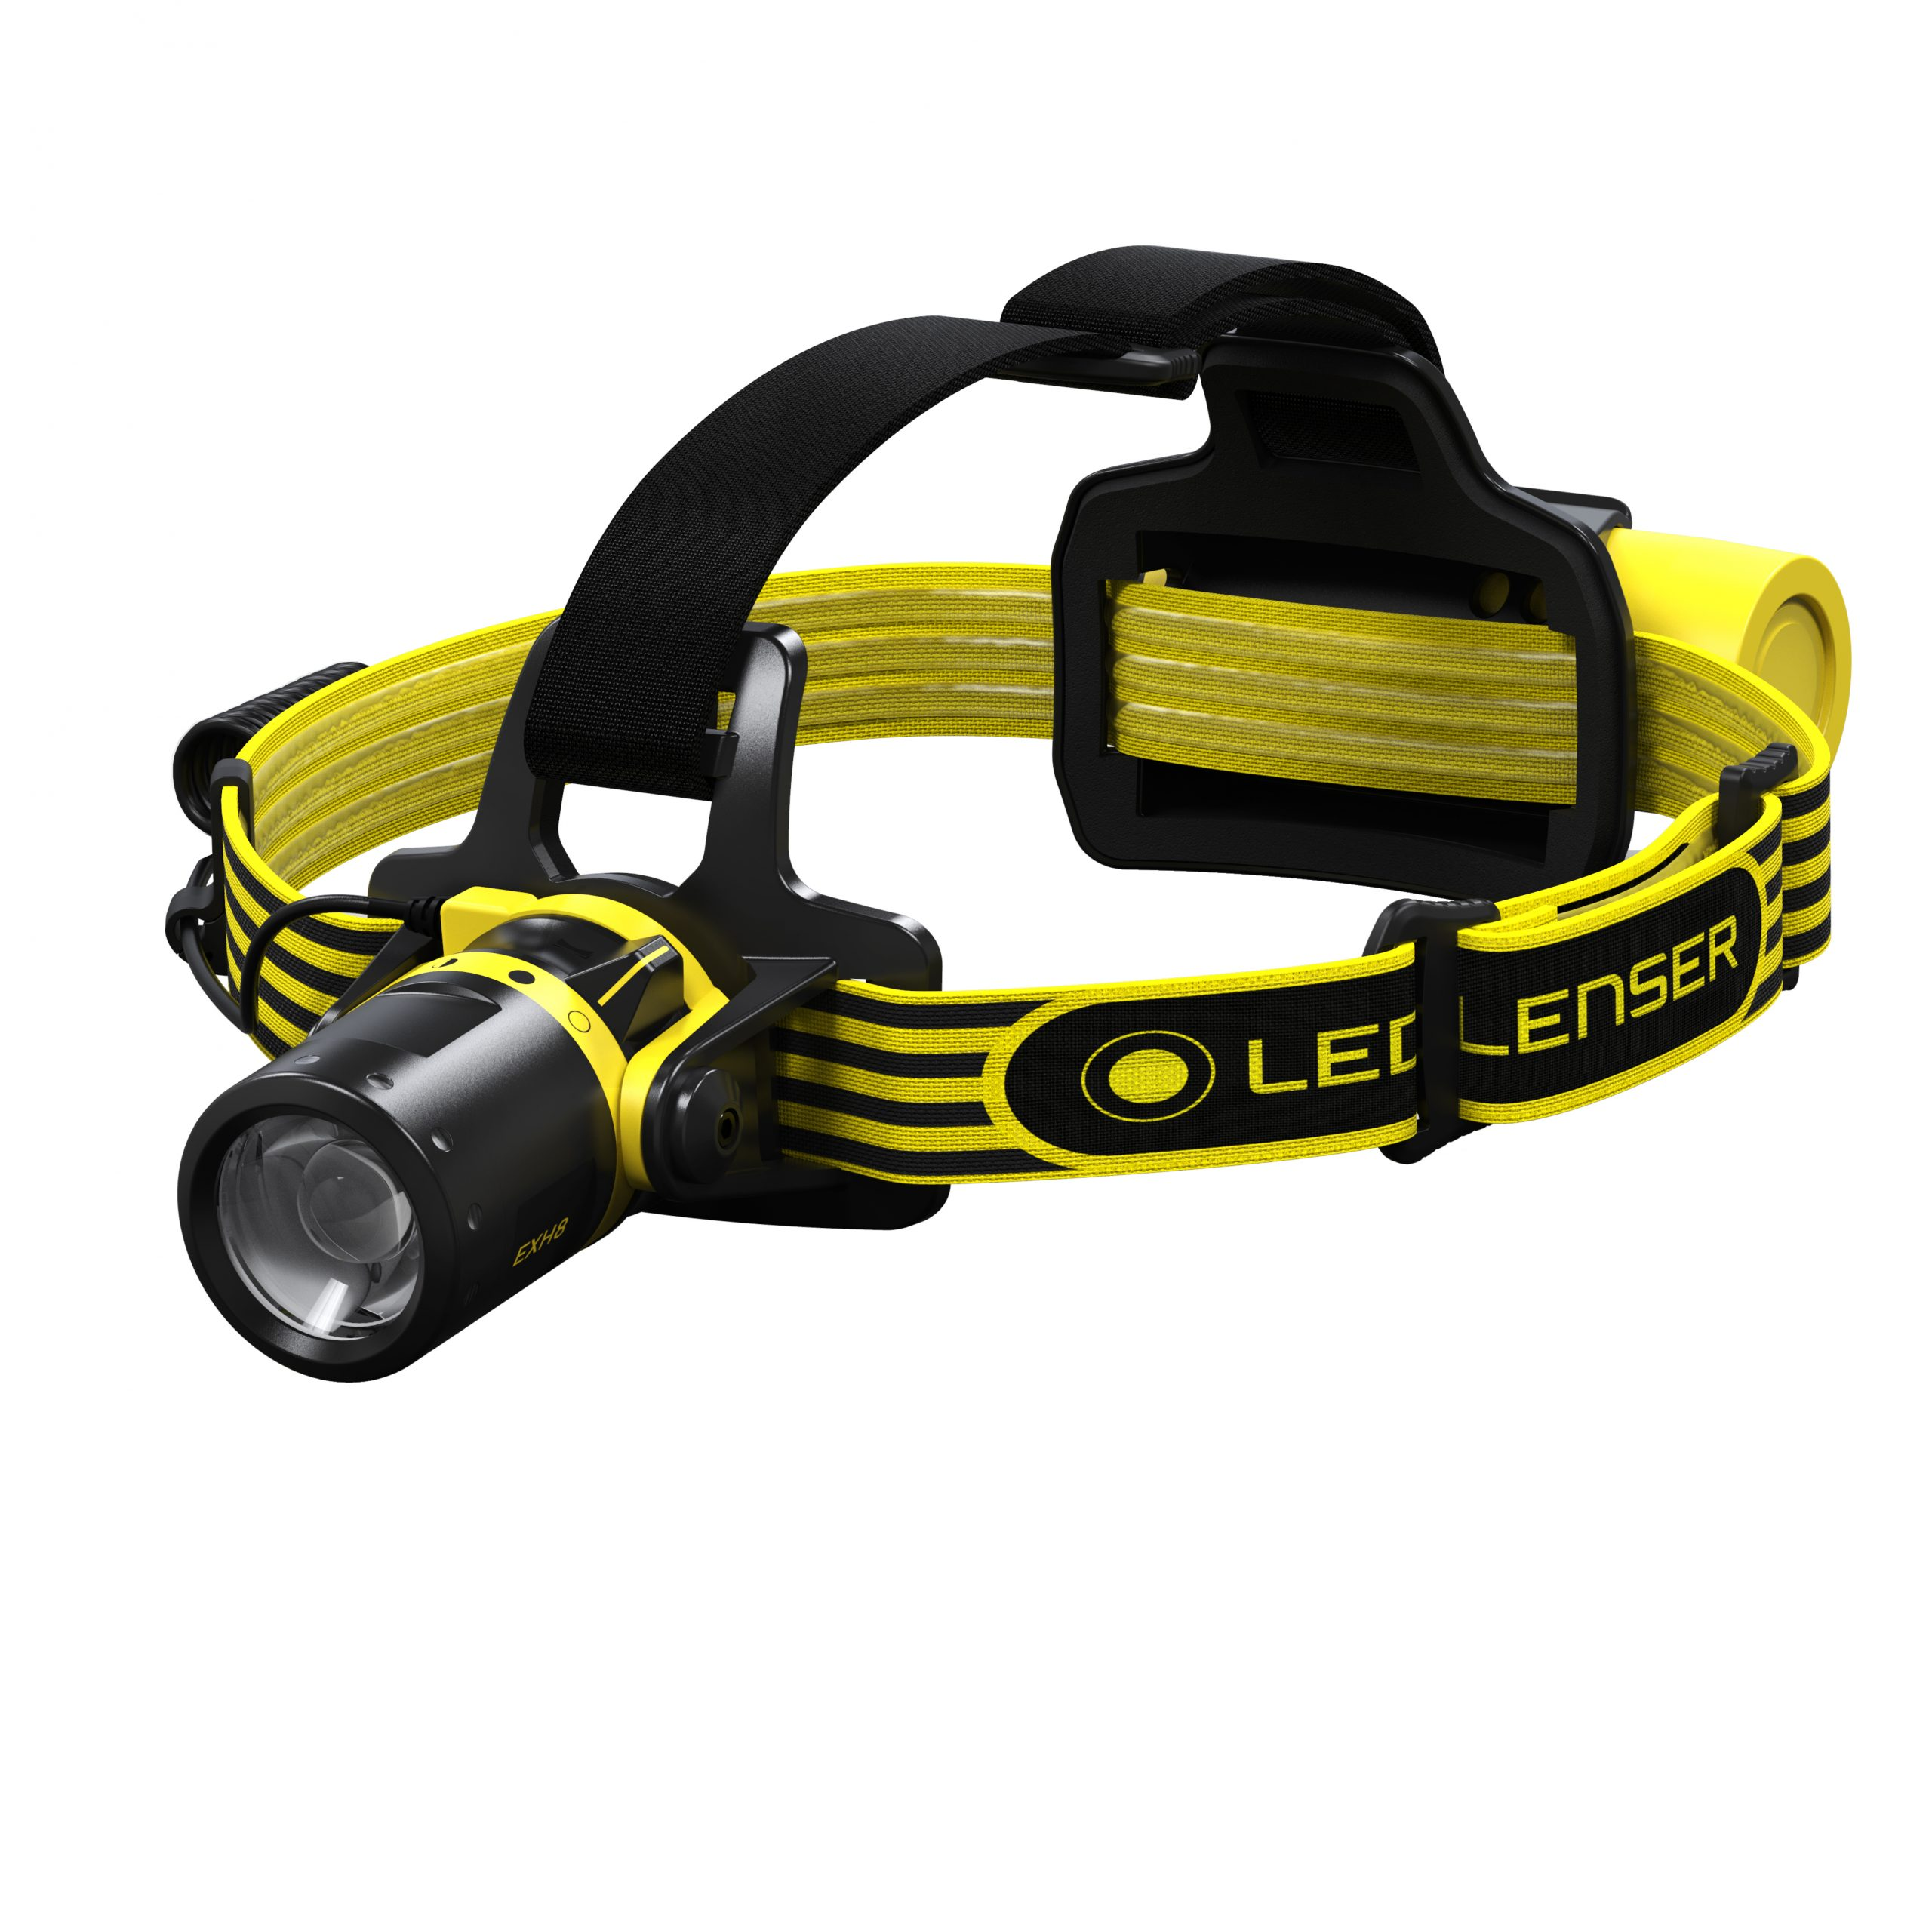 Đèn chống cháy nổ LEDLENSER EXH8 Zone 0/20